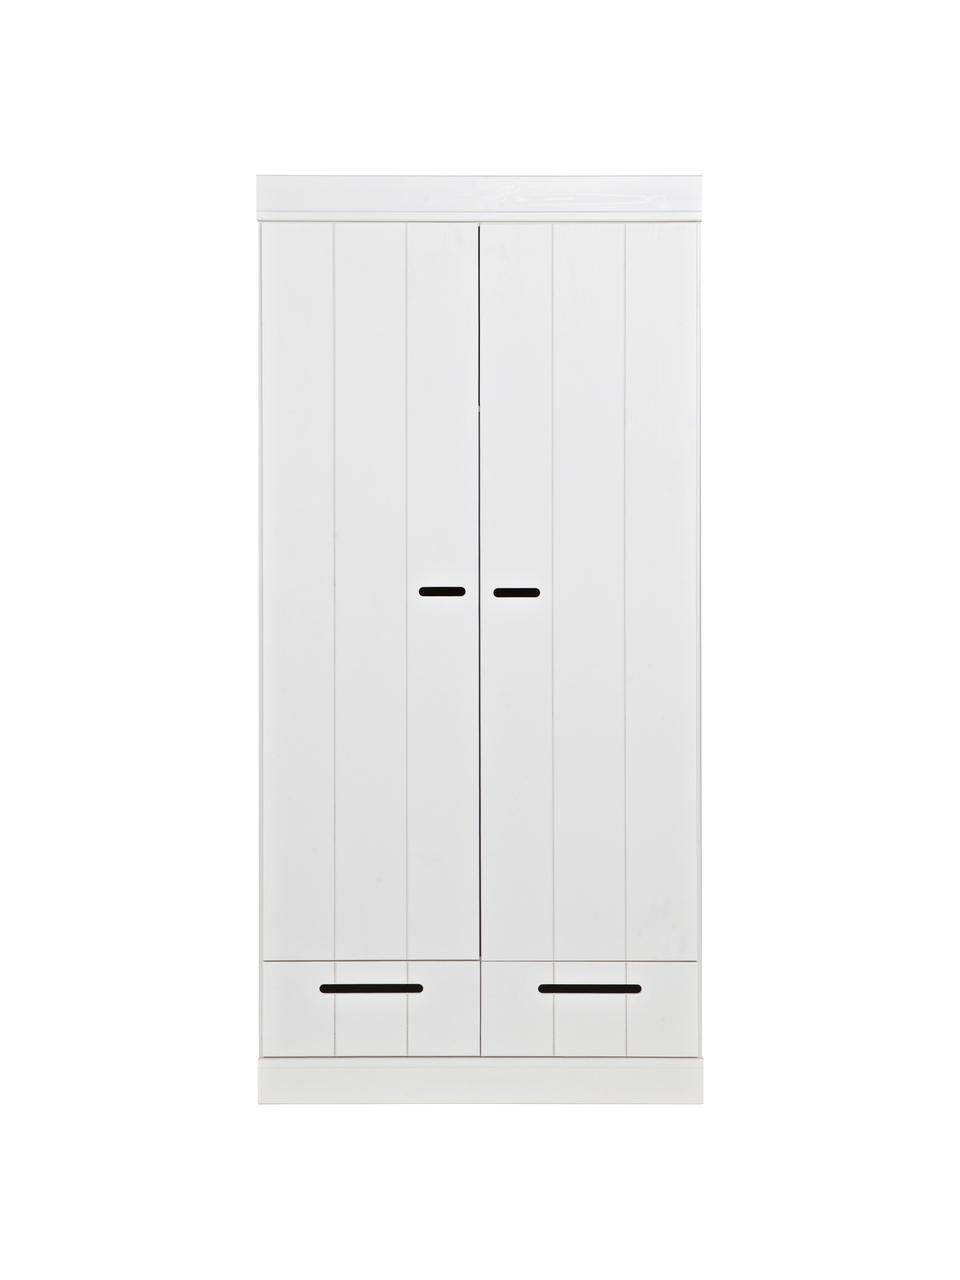 Kleiderschrank Connect mit 2 Türen in Weiß, Korpus: Kiefernholz, massiv, lack, Einlegeböden: Melamin, Weiß, 94 x 195 cm